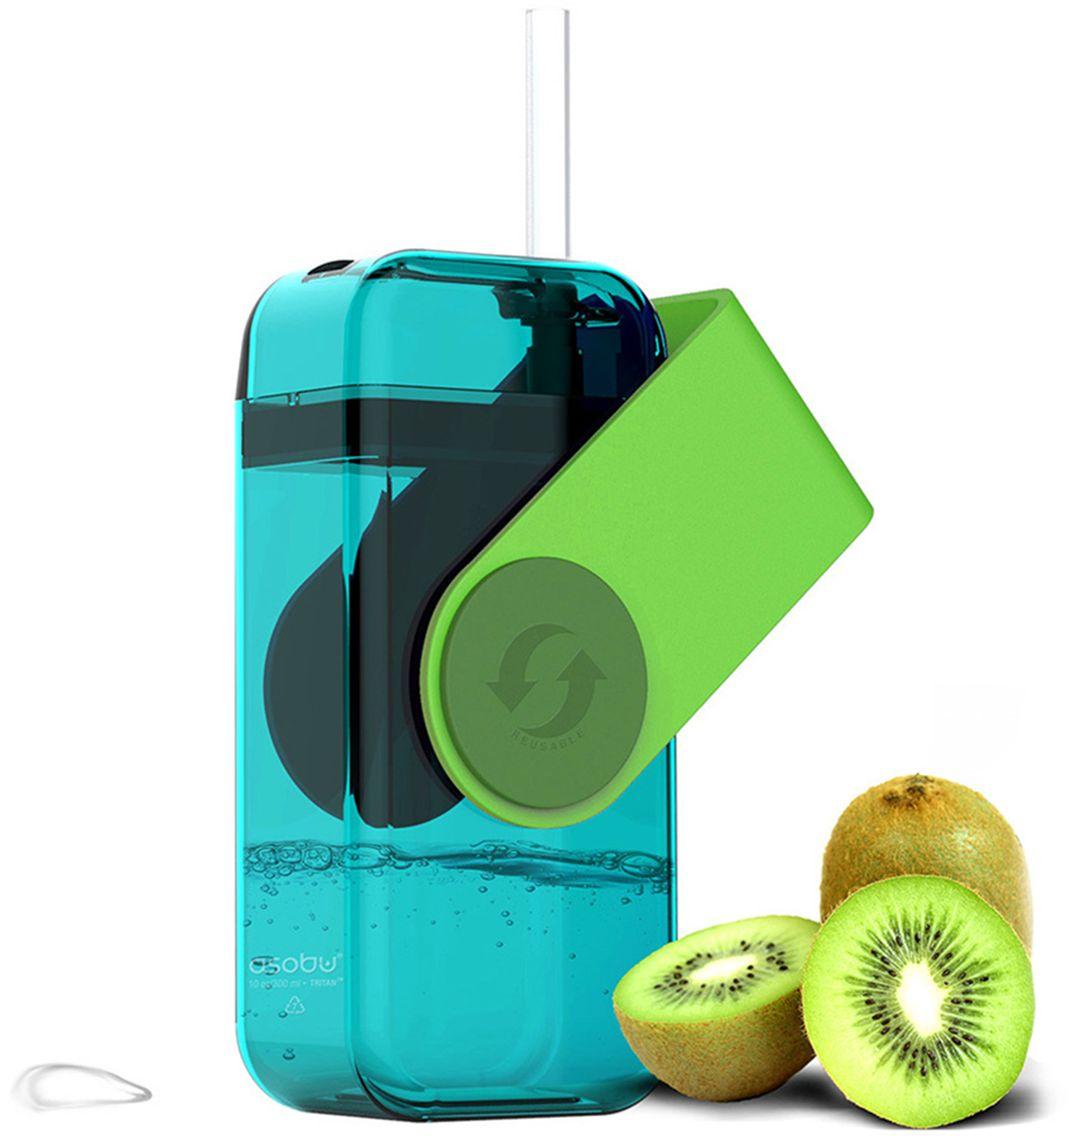 Бутылка Asobu Juicy drink box, цвет: зеленый, 290 млJB300 greenБутылка Asobu Juicy drink box вышла за пределы стандартных бутылок для напитков! Многоразовый бокс для напитков эргономичной формы, изготовленный из экологически чистого и полностью перерабатываемого материала. Идеально подходит для сока или воды. Эта серия боксов особенно придется по вкусу детям.Рекомендация по использованию: перед тем, как закрывать наполненный бокс, наклоните и прижмите силиконовою трубочку к крышке, тем самым вы заблокируете отверстие в трубочке и при закрывании крышки напиток не прольется.Материал: ПластикВысота : 15 смШирина : 7,5 см